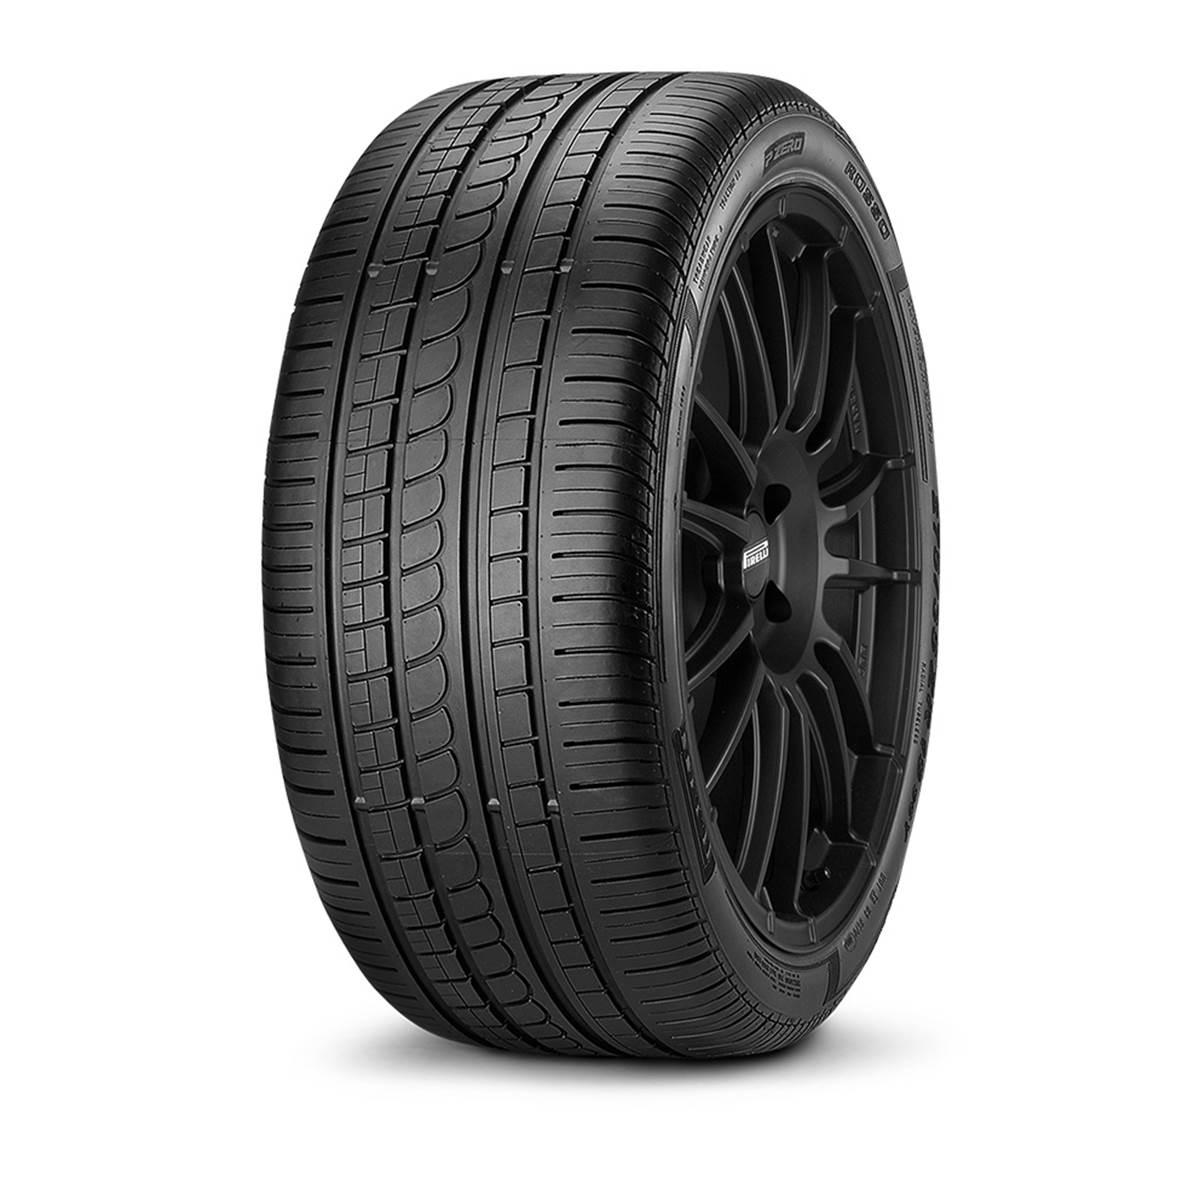 Pneu Pirelli 255/40R17 94Y Pzero Nero (Gt)